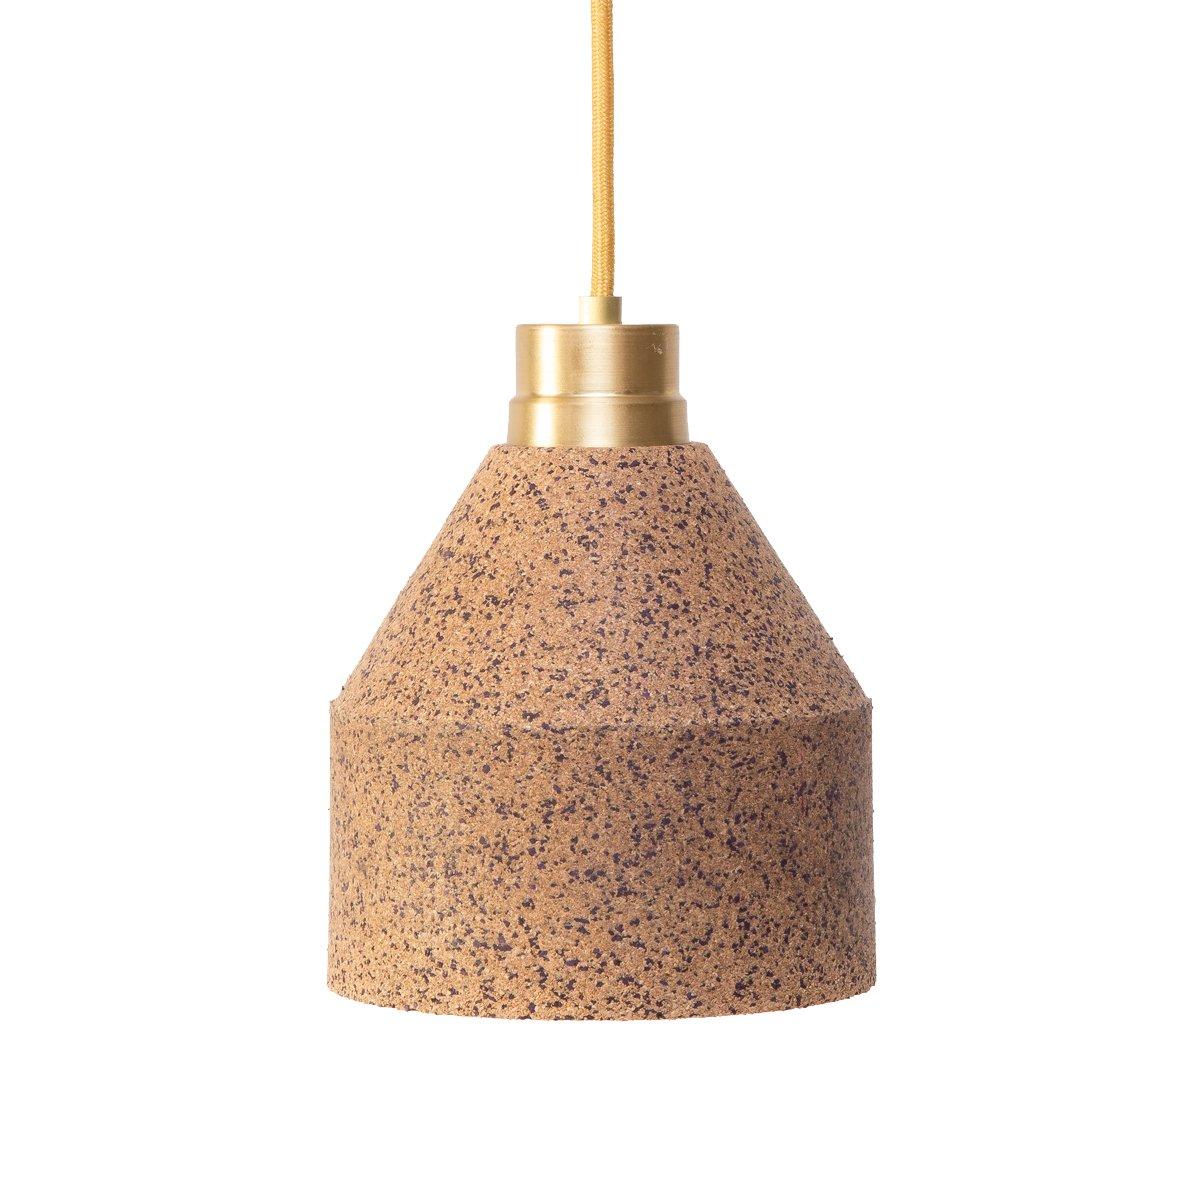 70 WS Lampe aus Naturkork mit bordeauxfarbenen Punkten von Paula Corra...